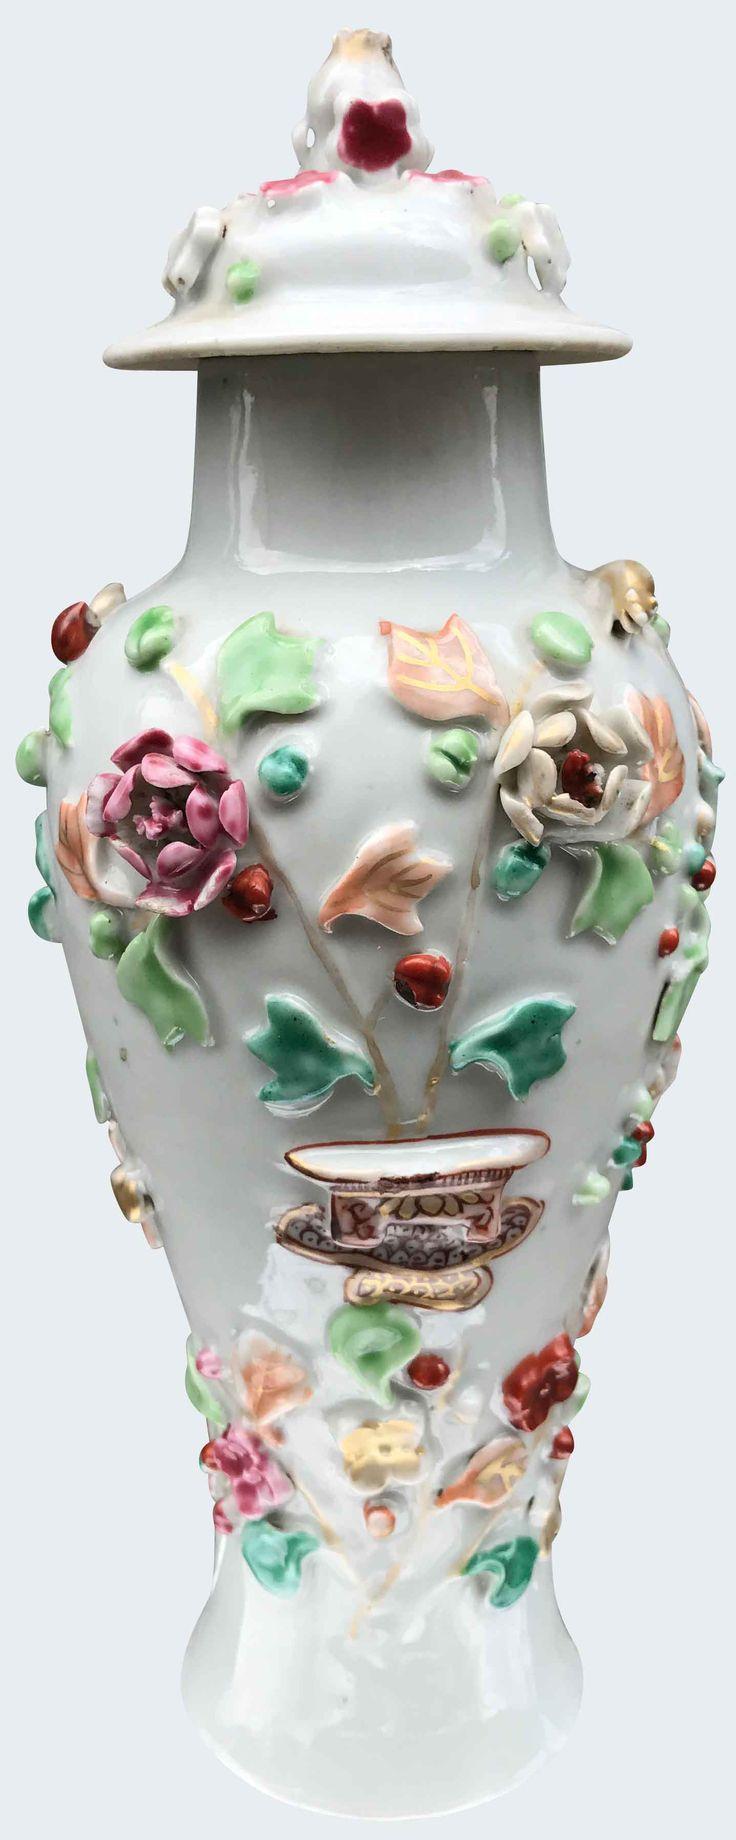 Vase à décor appliqué et peint dans les émaux de la famille rose en porcelaine de Chine d'époque Qianlong. Compagnie des Indes. Peint dans les émaux de la famille rose, à décor appliqué de fleurs et de fruits.